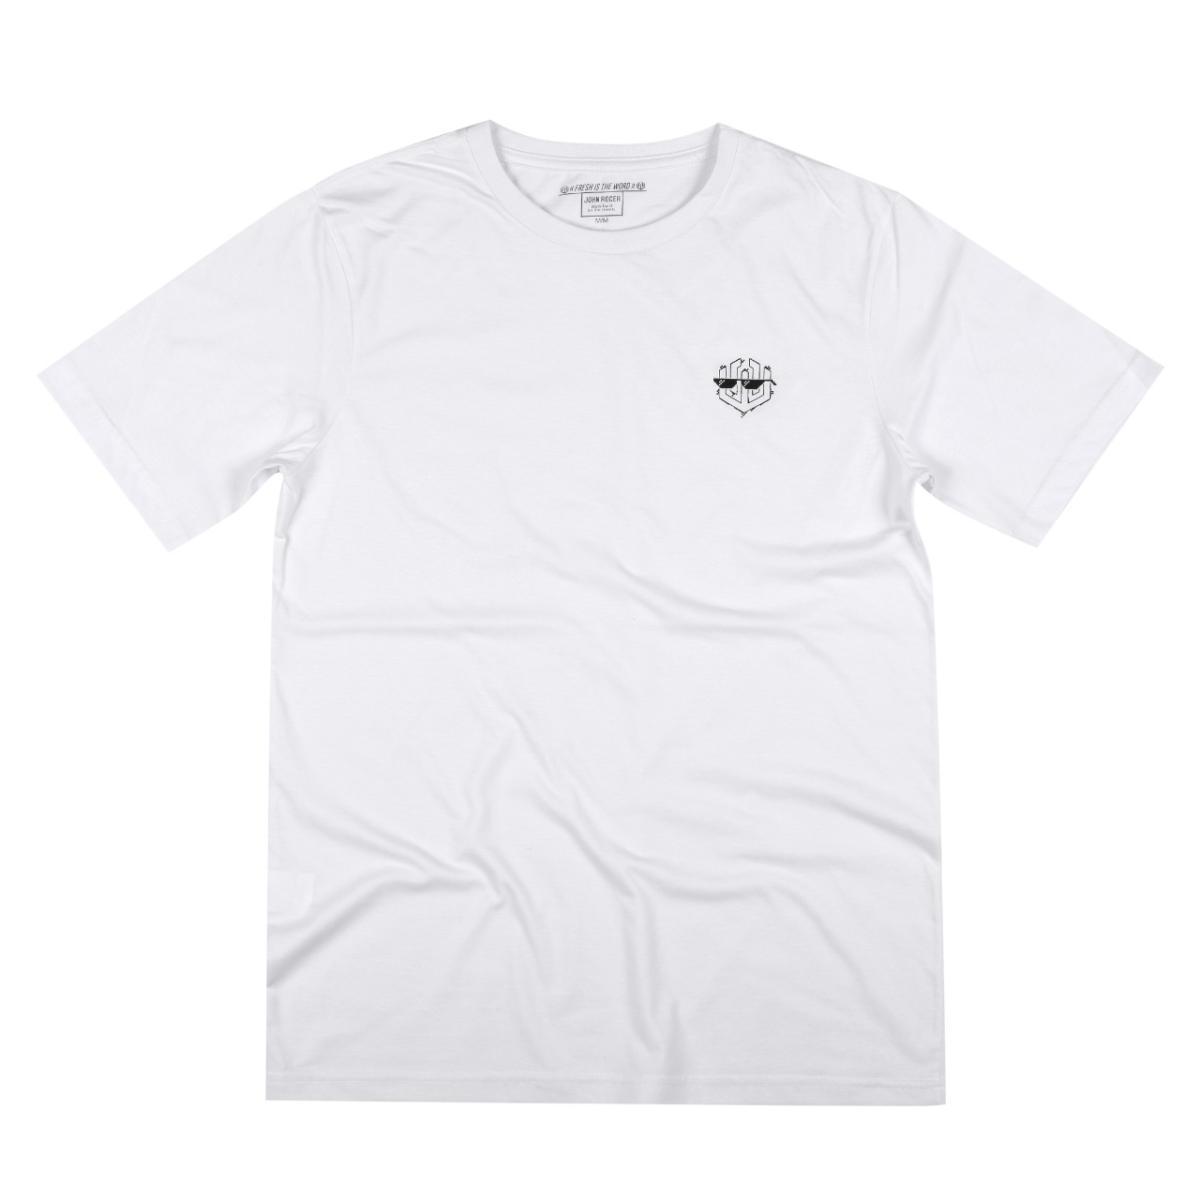 Camiseta John Roger - Glasses 2